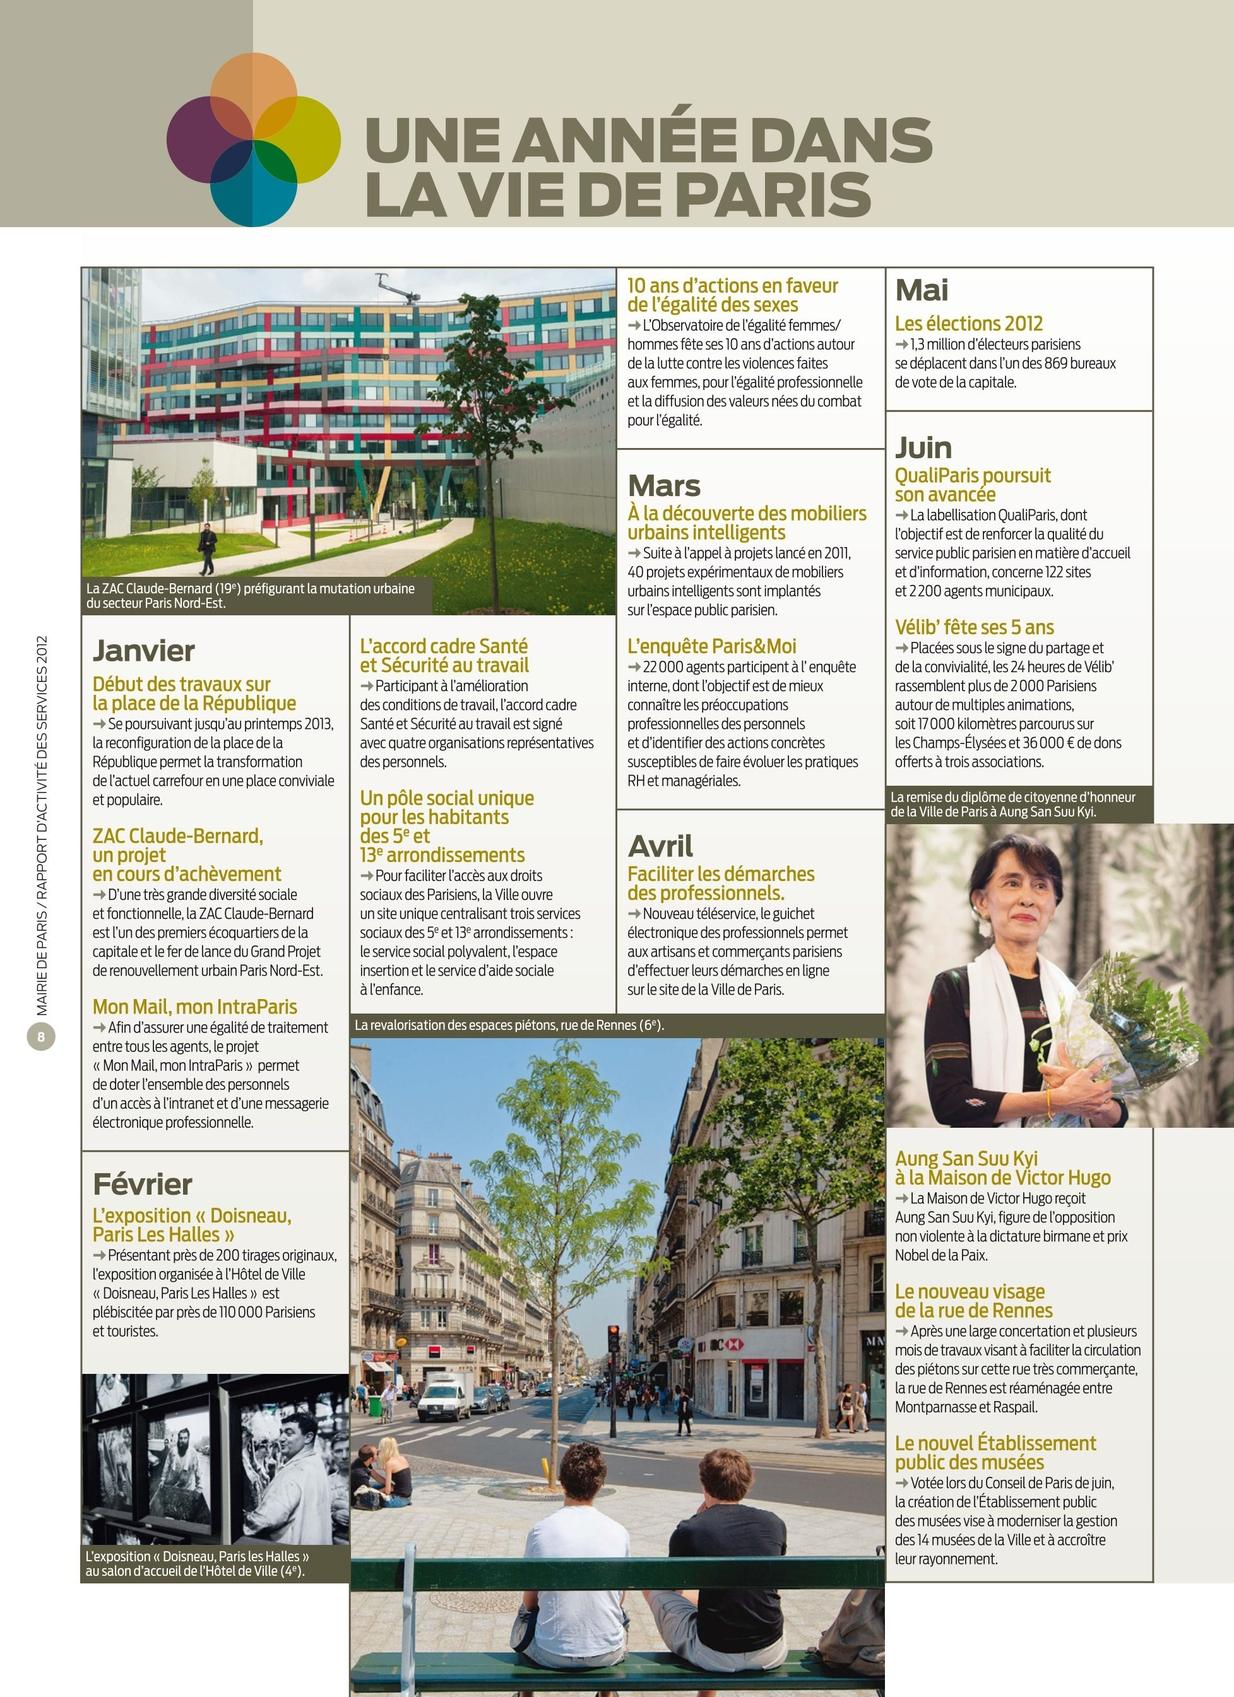 Mairie de Paris - Rapport annuel 2012